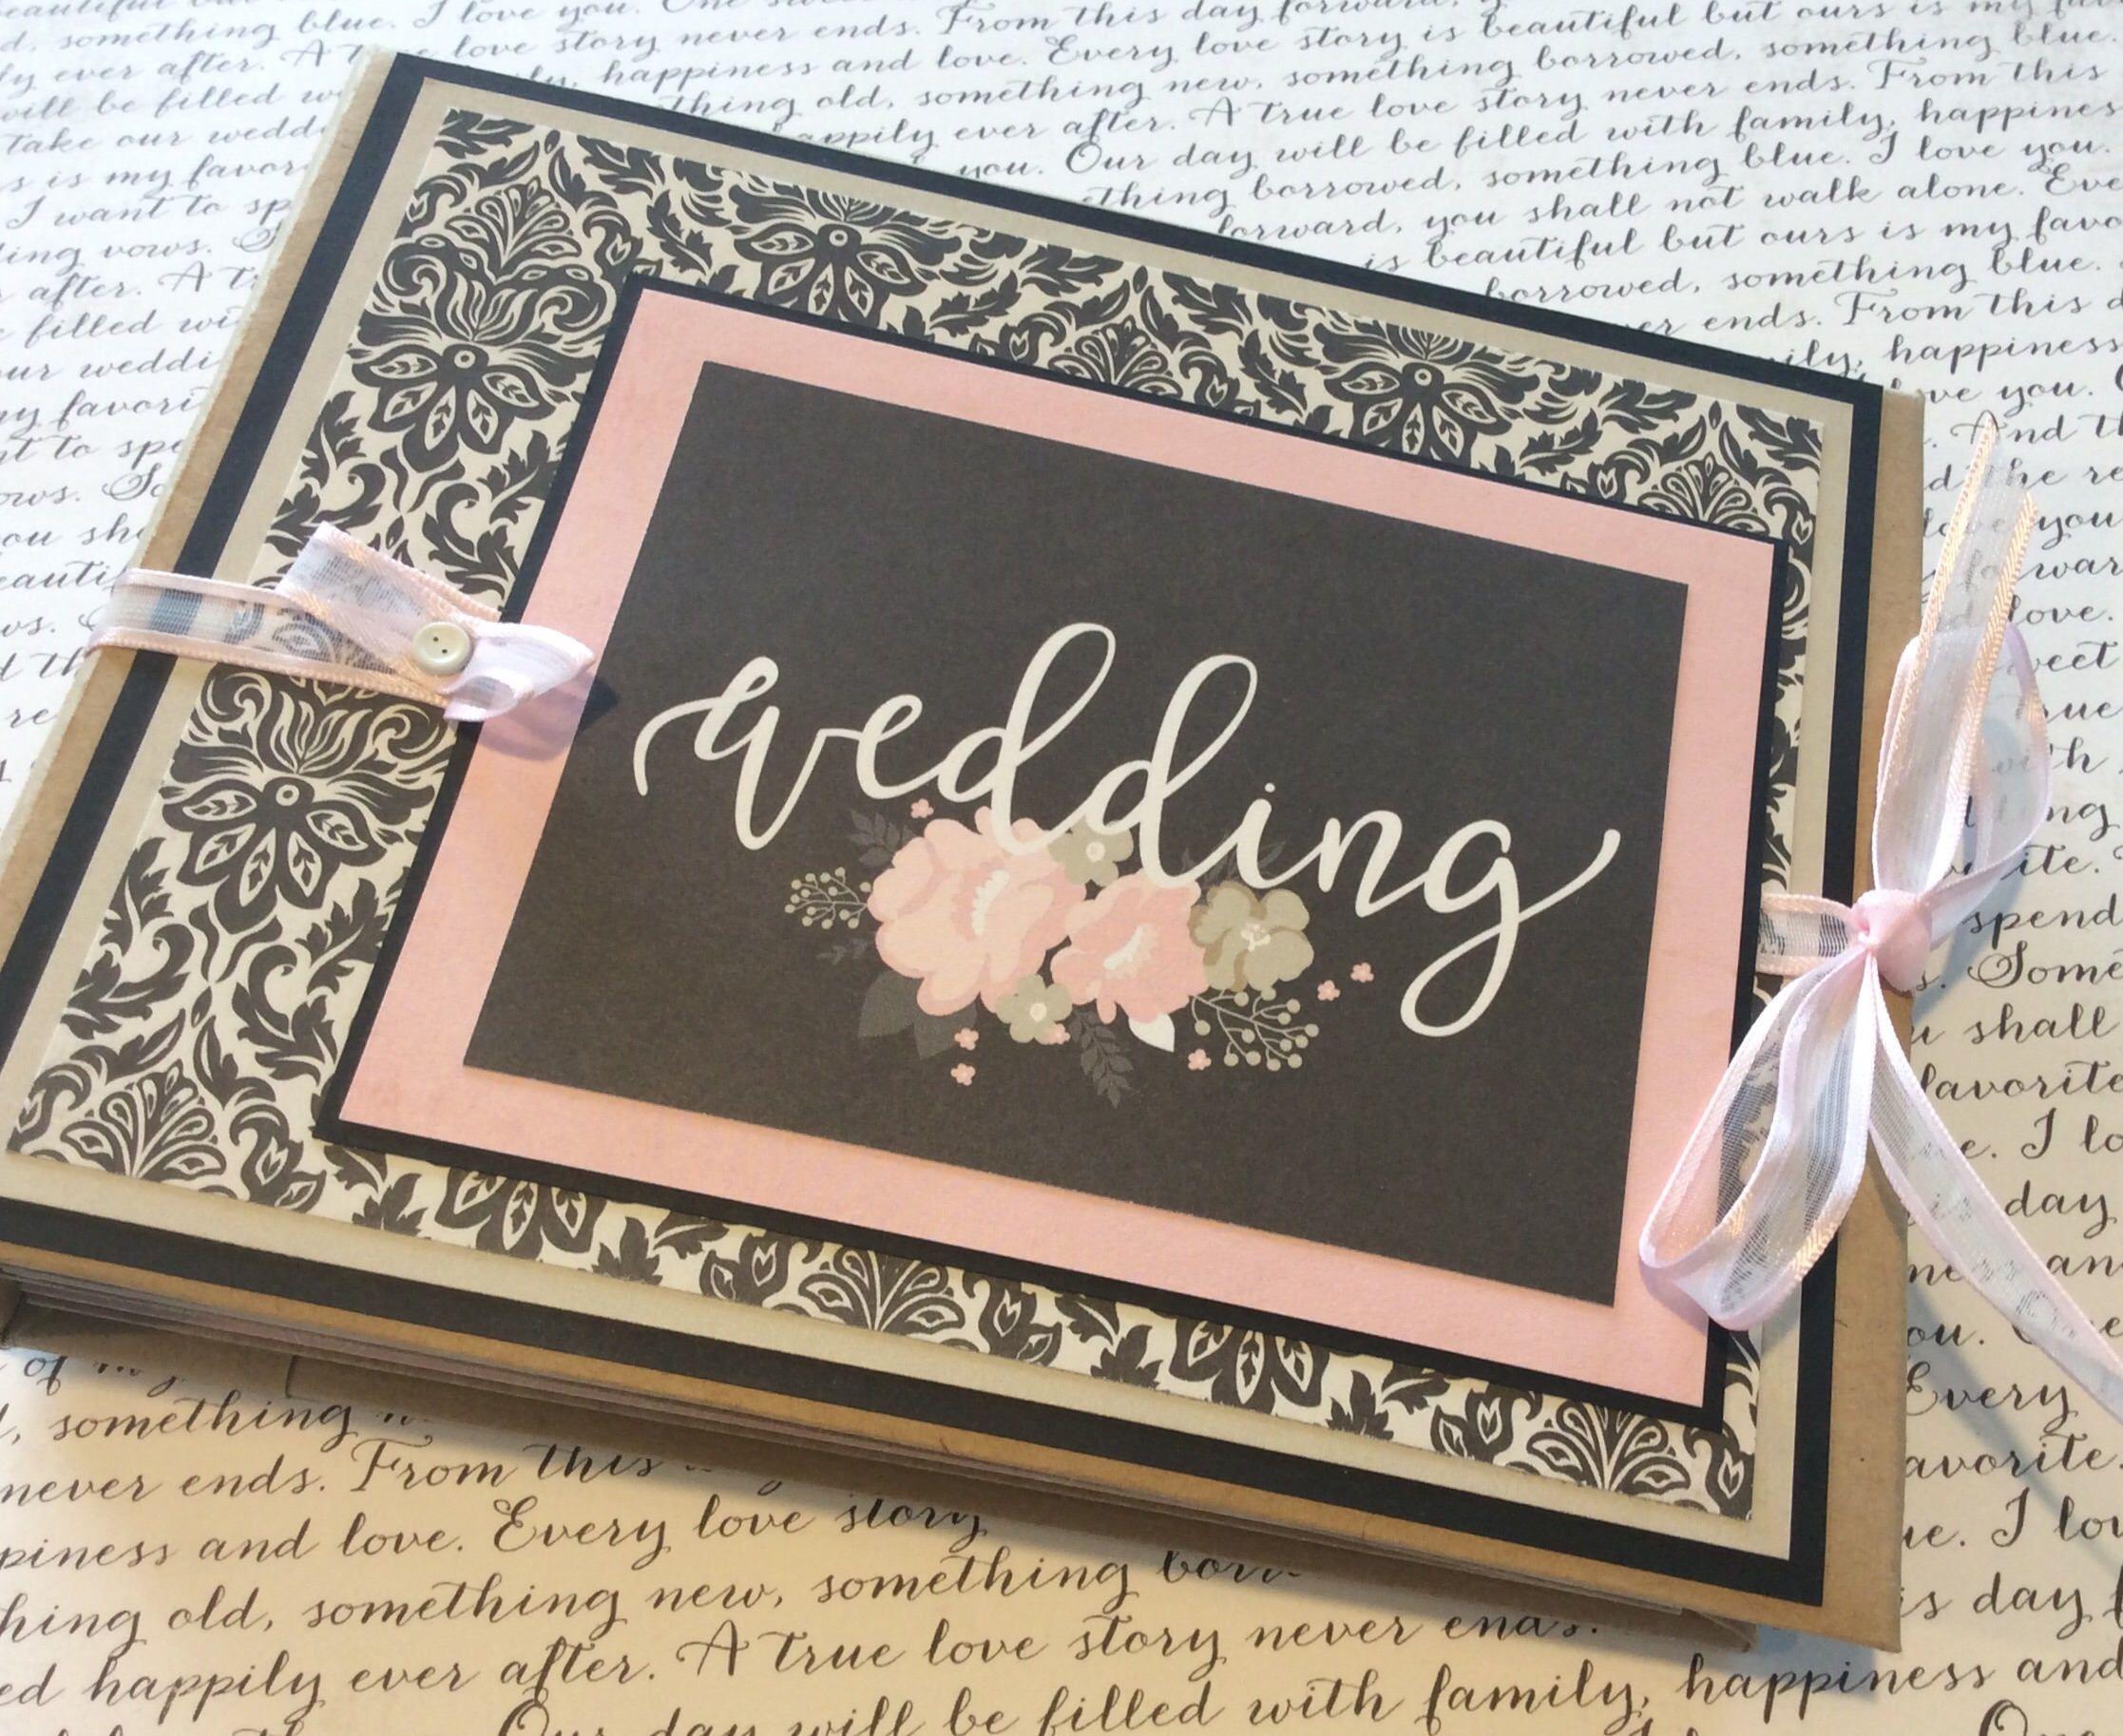 Wedding Album Mini Album Wedding Scrapbook Wedding Photo Etsy Wedding Scrapbook Mini Albums Wedding Album